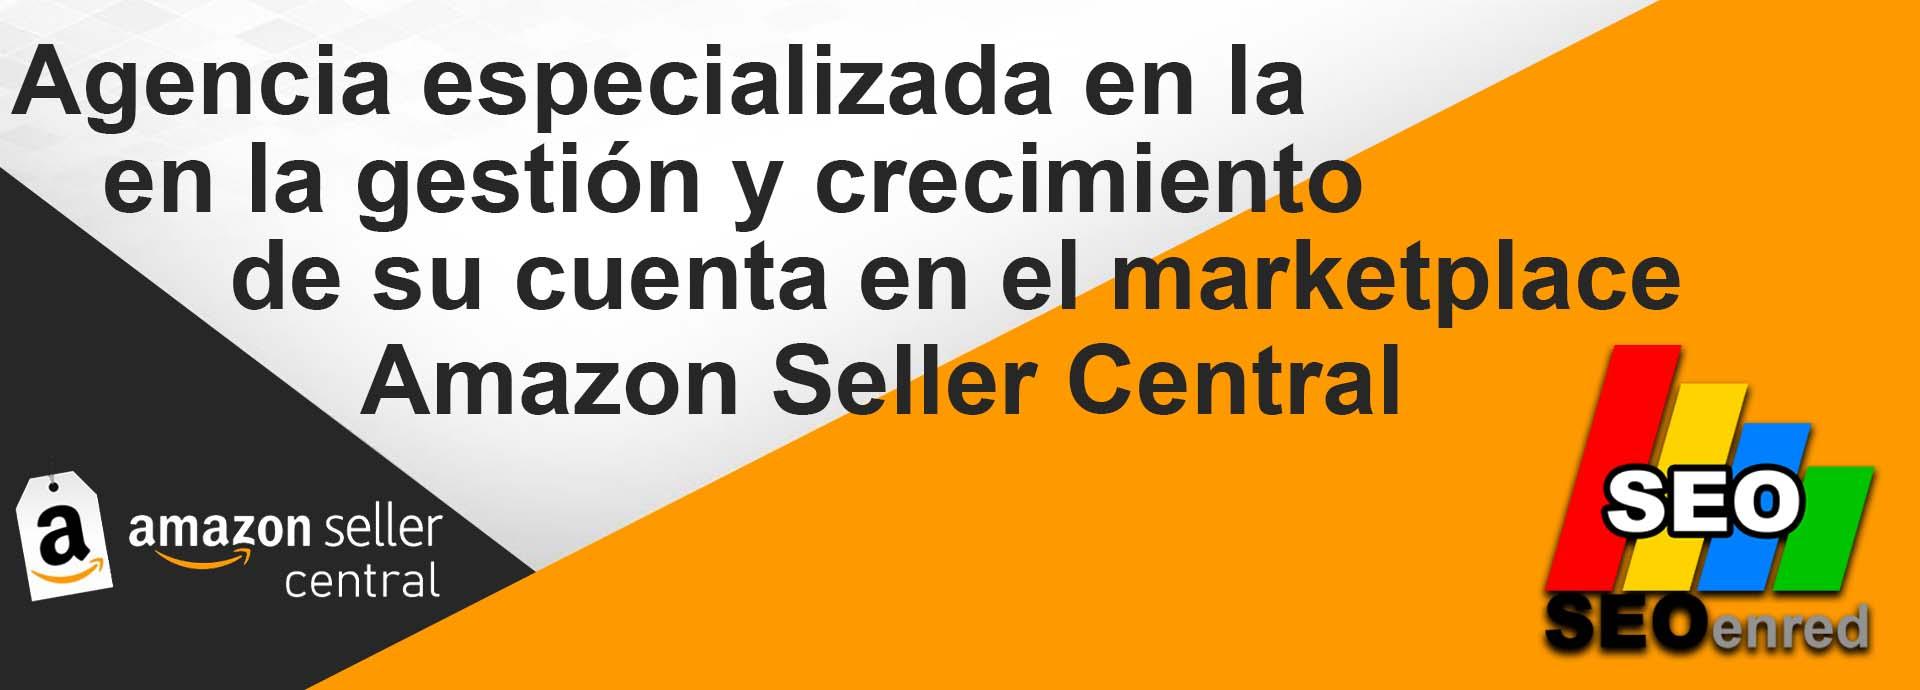 SEOenred, Agencia SEO - Agencia especializada en Amazon Seller Central